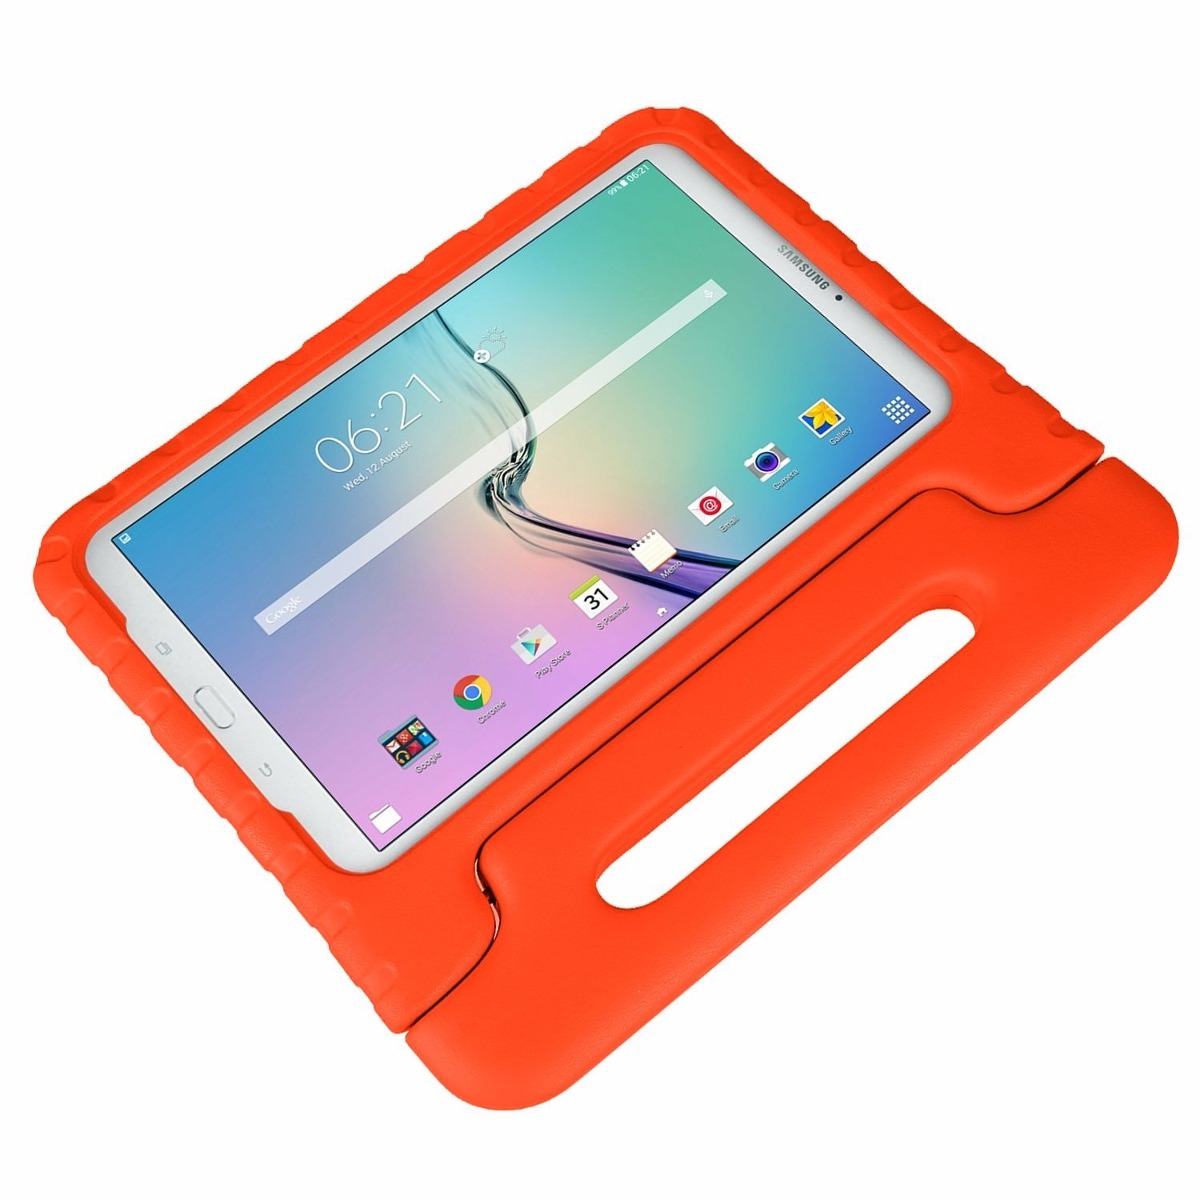 Funda para tablet samsung galaxy tab e 9 6 naranja en mercado libre - Funda samsung galaxy tab ...